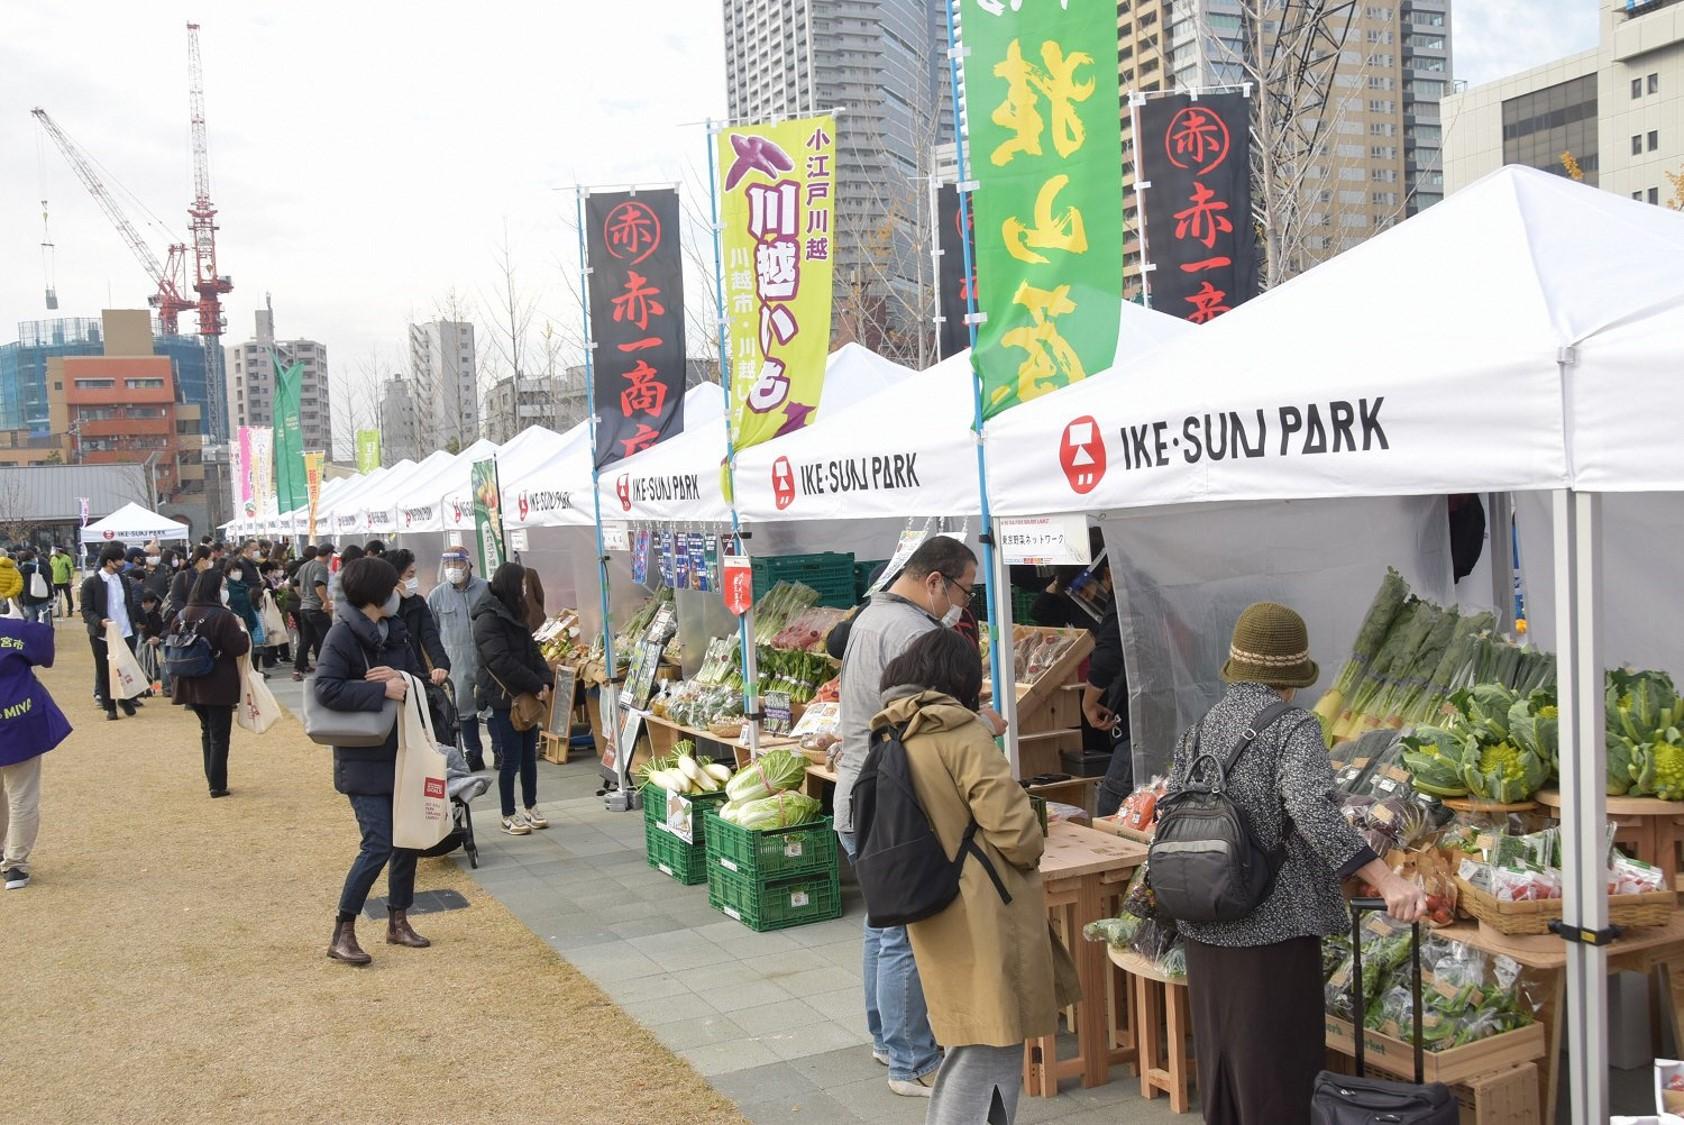 東京・豊島区がファーマーズマーケット開催 自治体SDGsモデル事業、毎週末計画